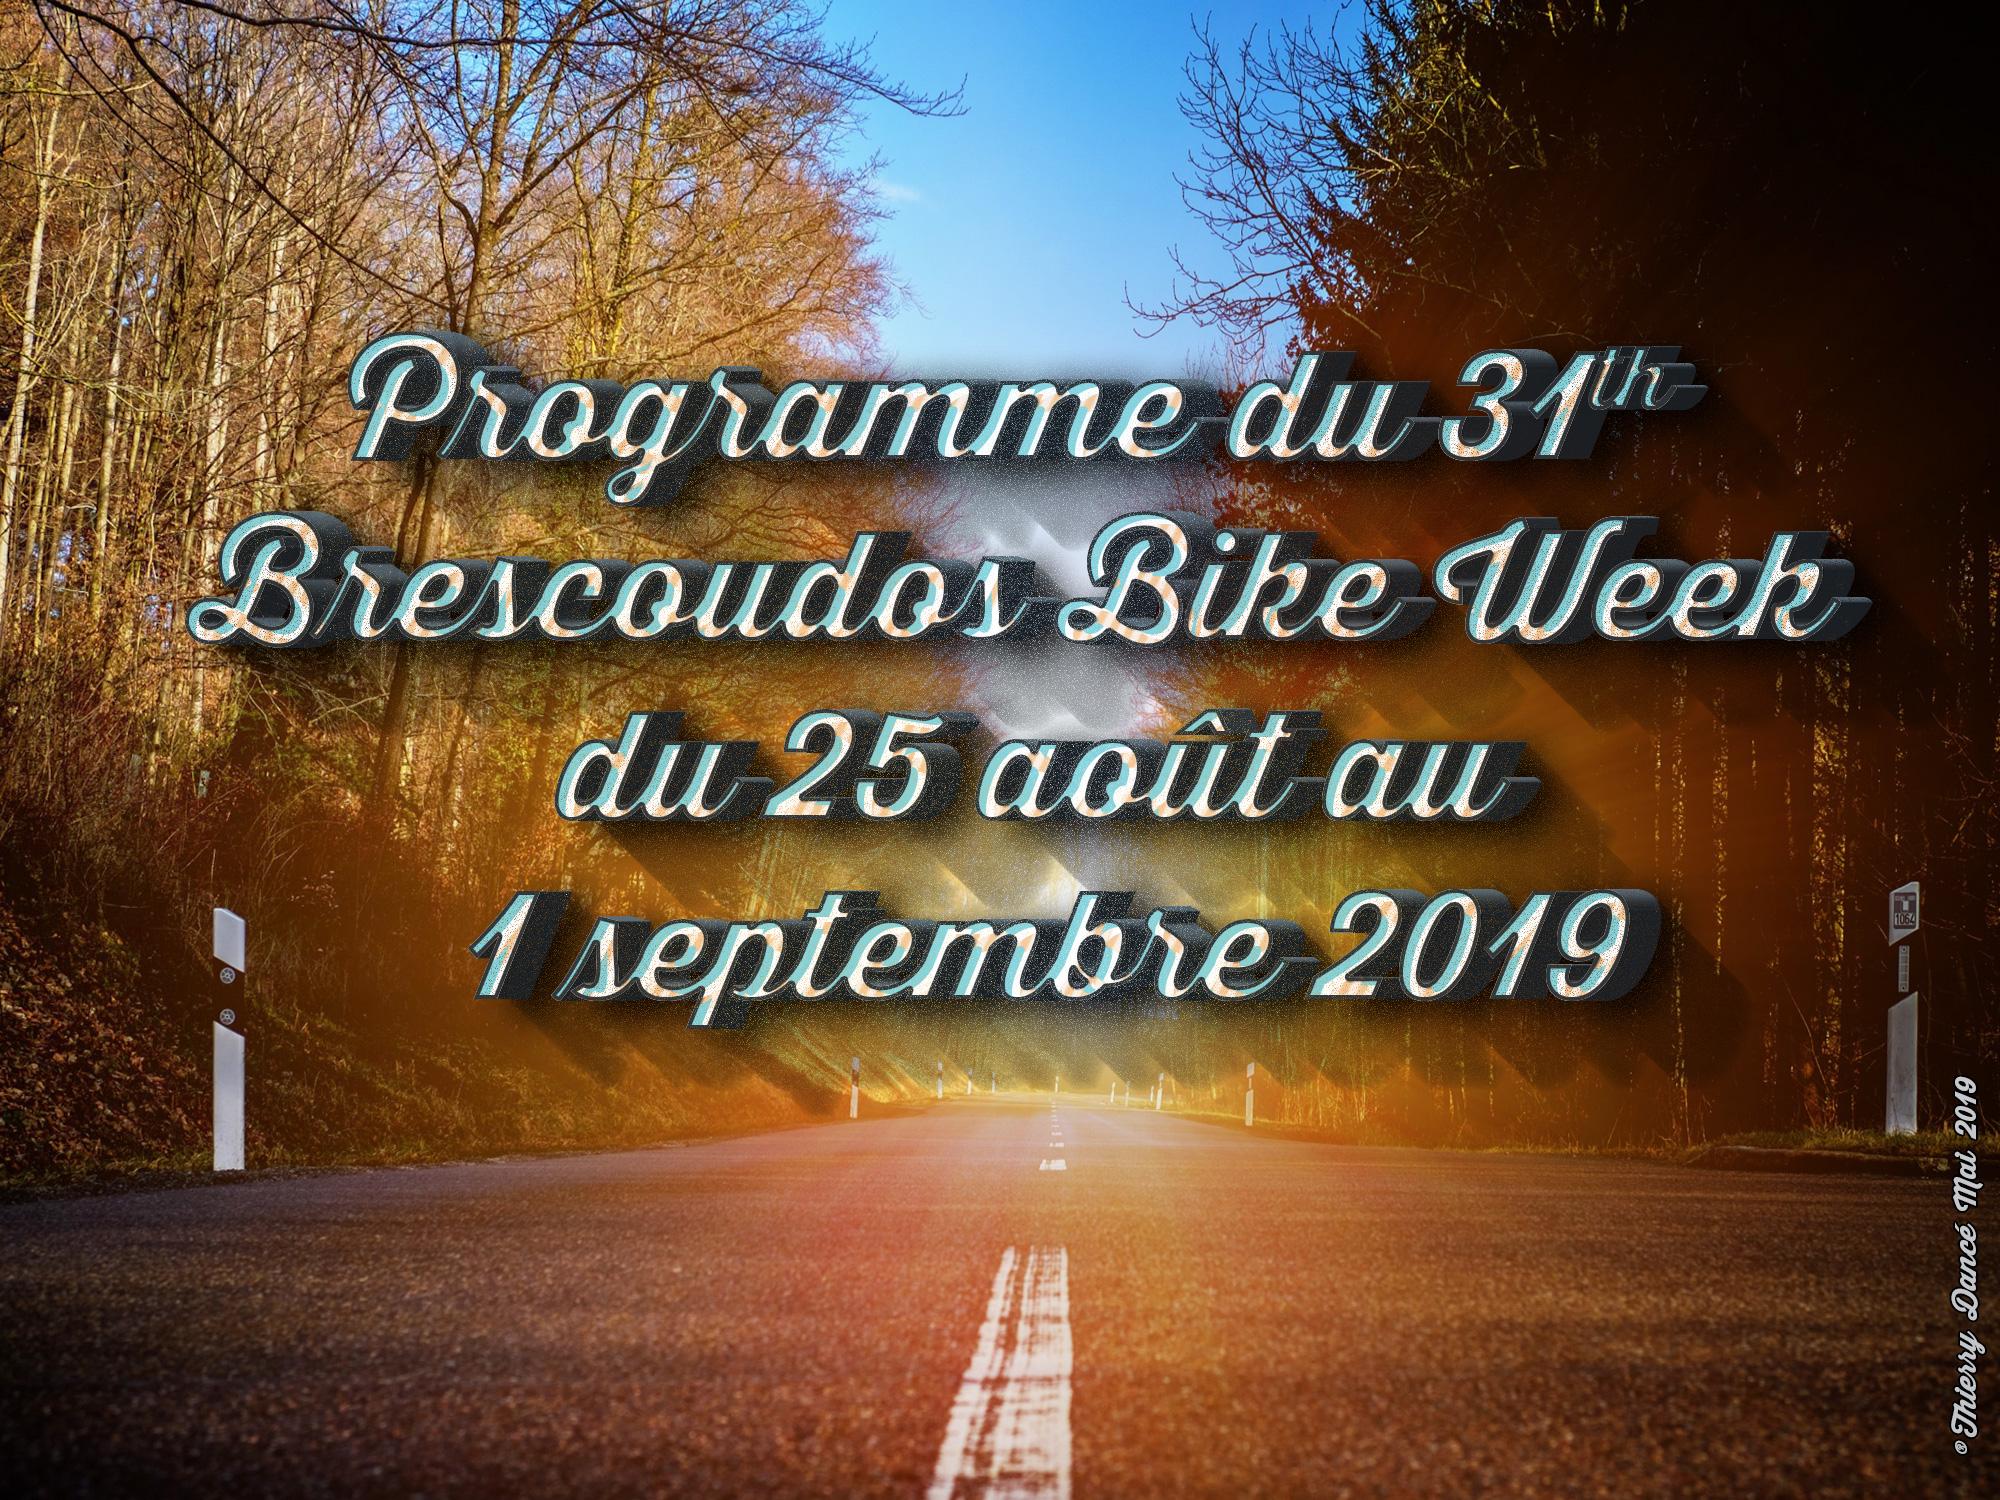 Programme 31th BBW